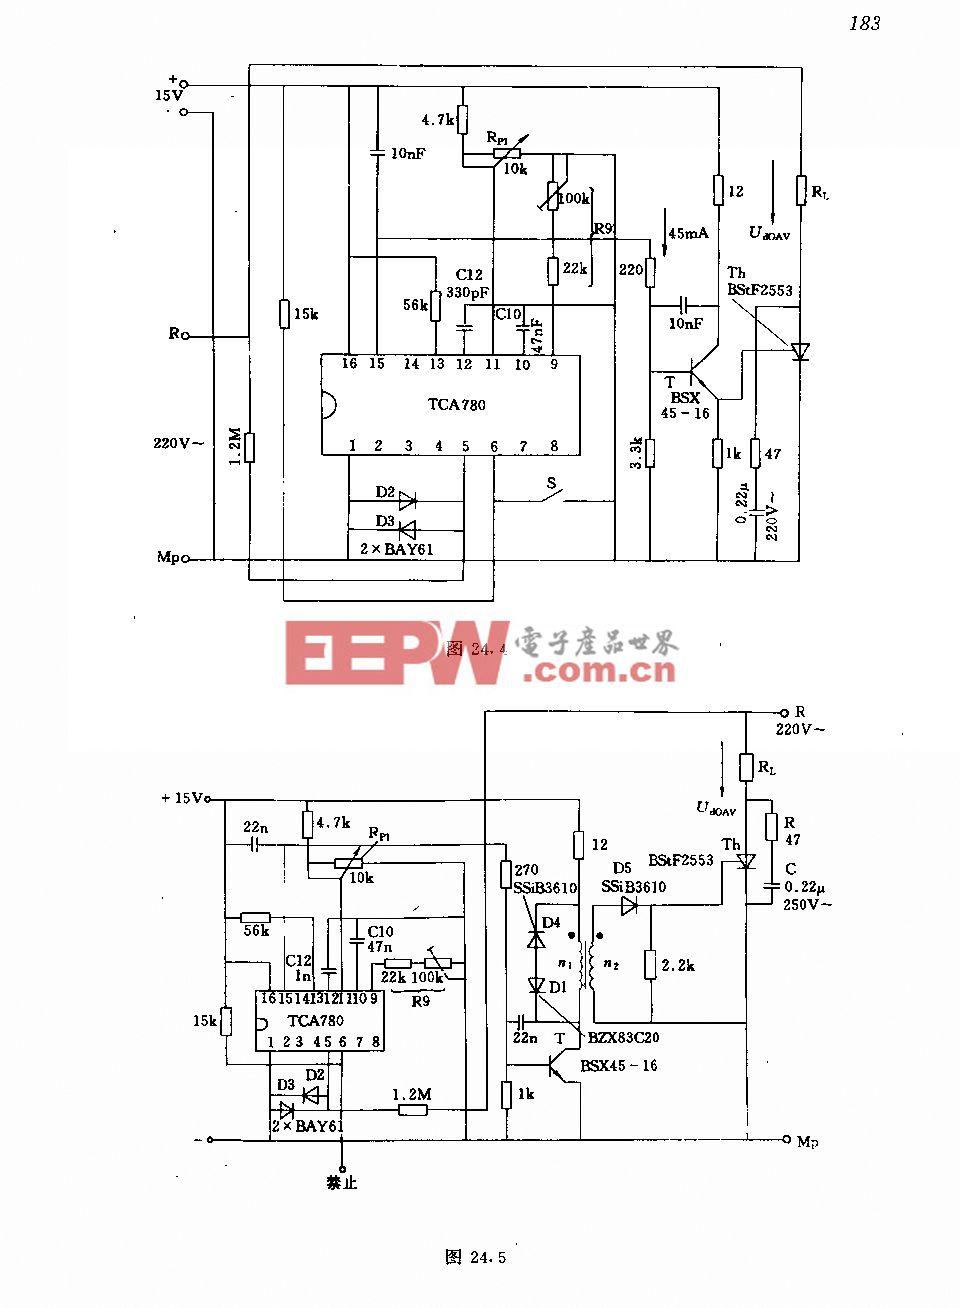 采用集成触发器和变压器隔离的晶闸管电路